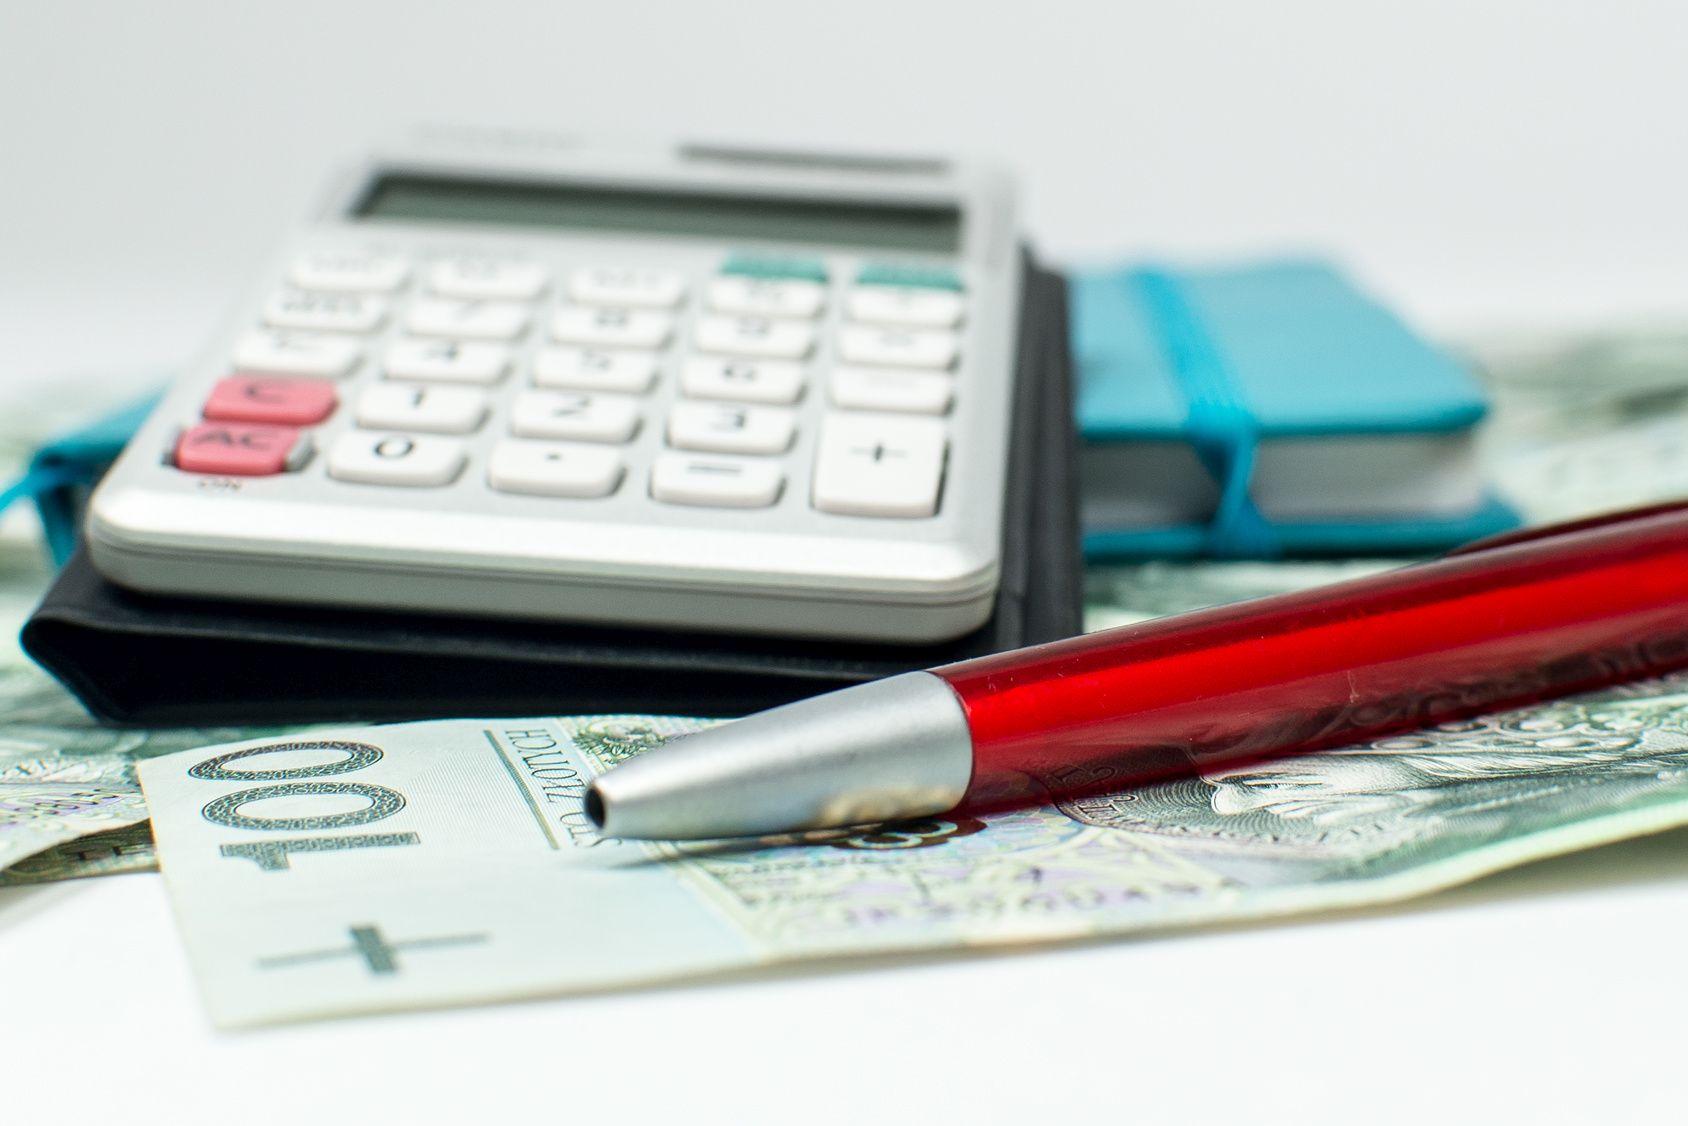 całkowity koszt kredytu a całkowita kwota kredytu różnice